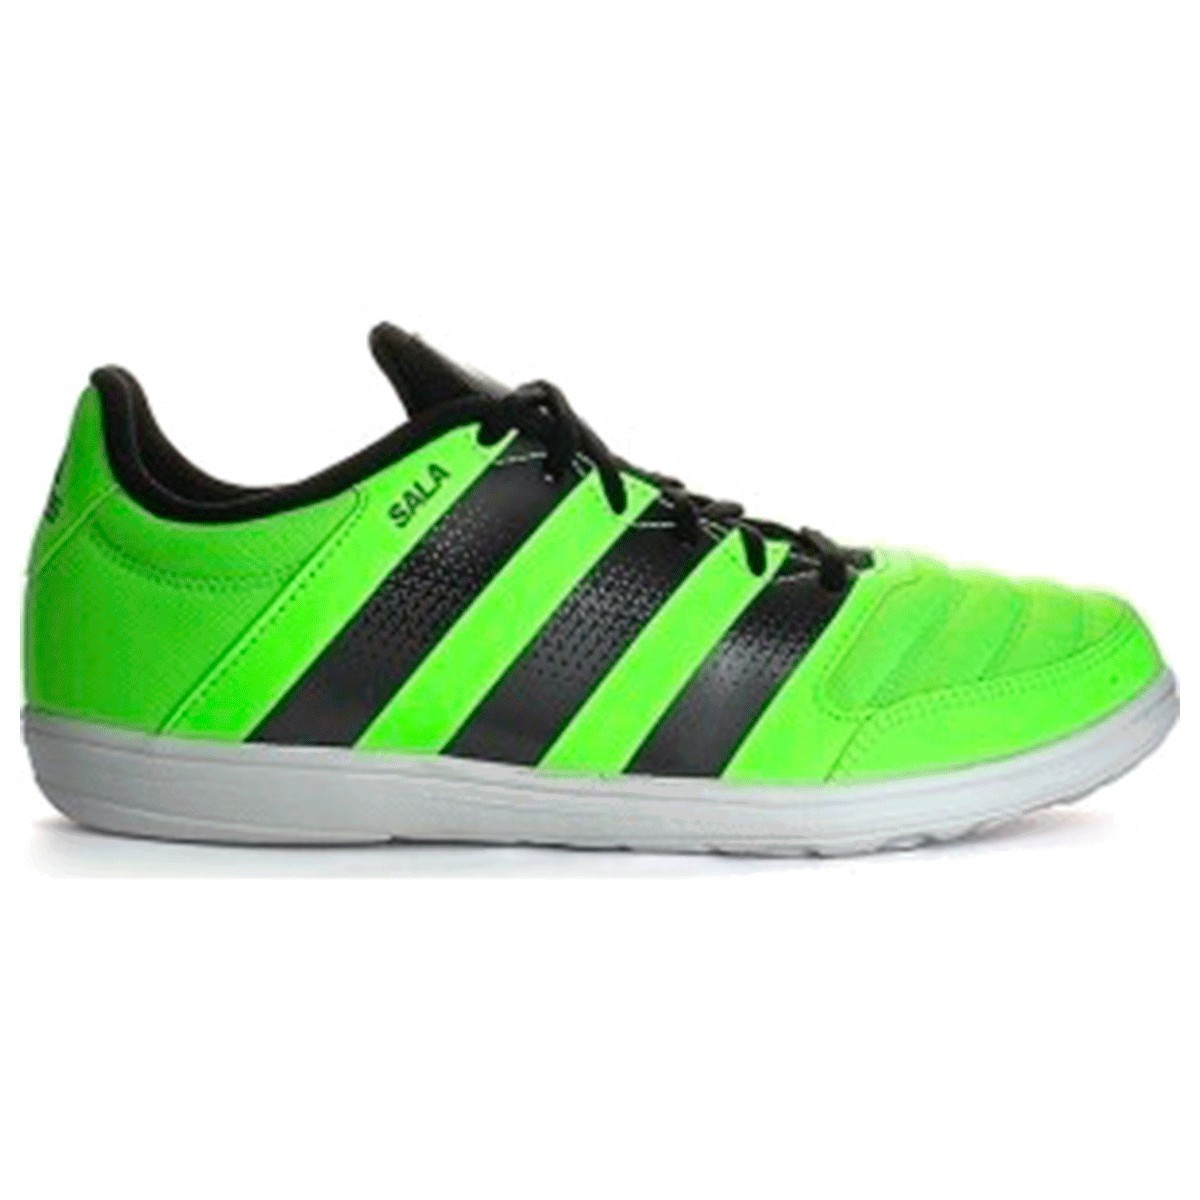 Chuteira Adidas Futsal Ace Street